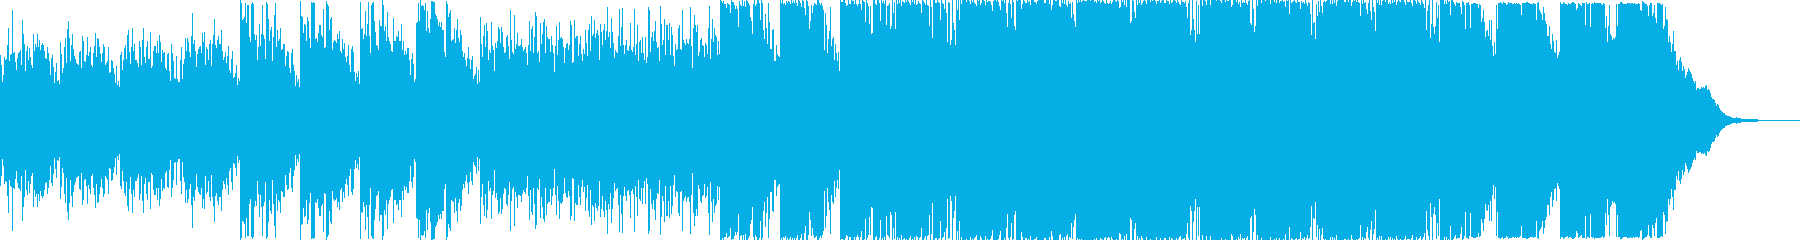 温かく包み込んでくれる様なそんな曲です。の再生済みの波形